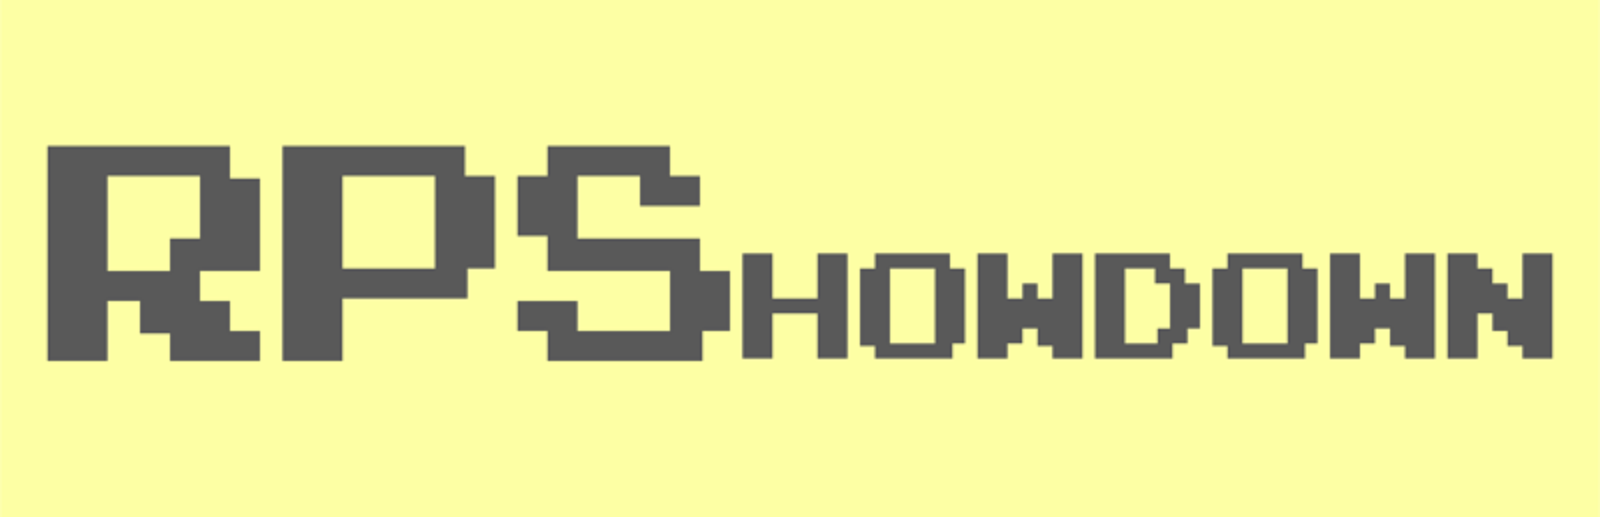 RPShowdown